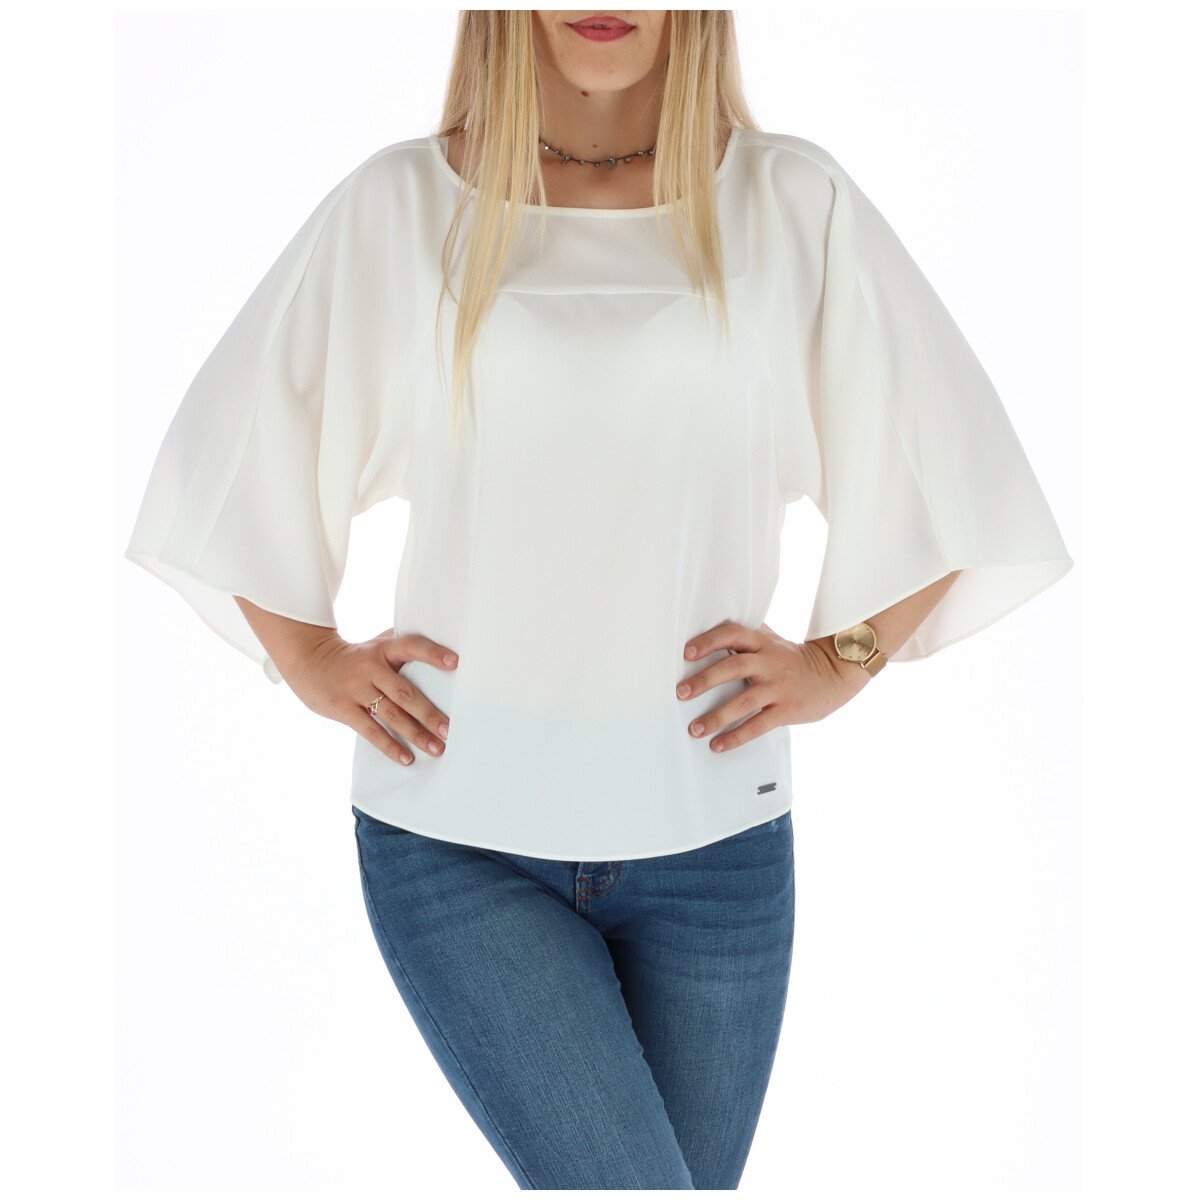 Armani Exchange Women's Top Various Colours 302298 - white XS